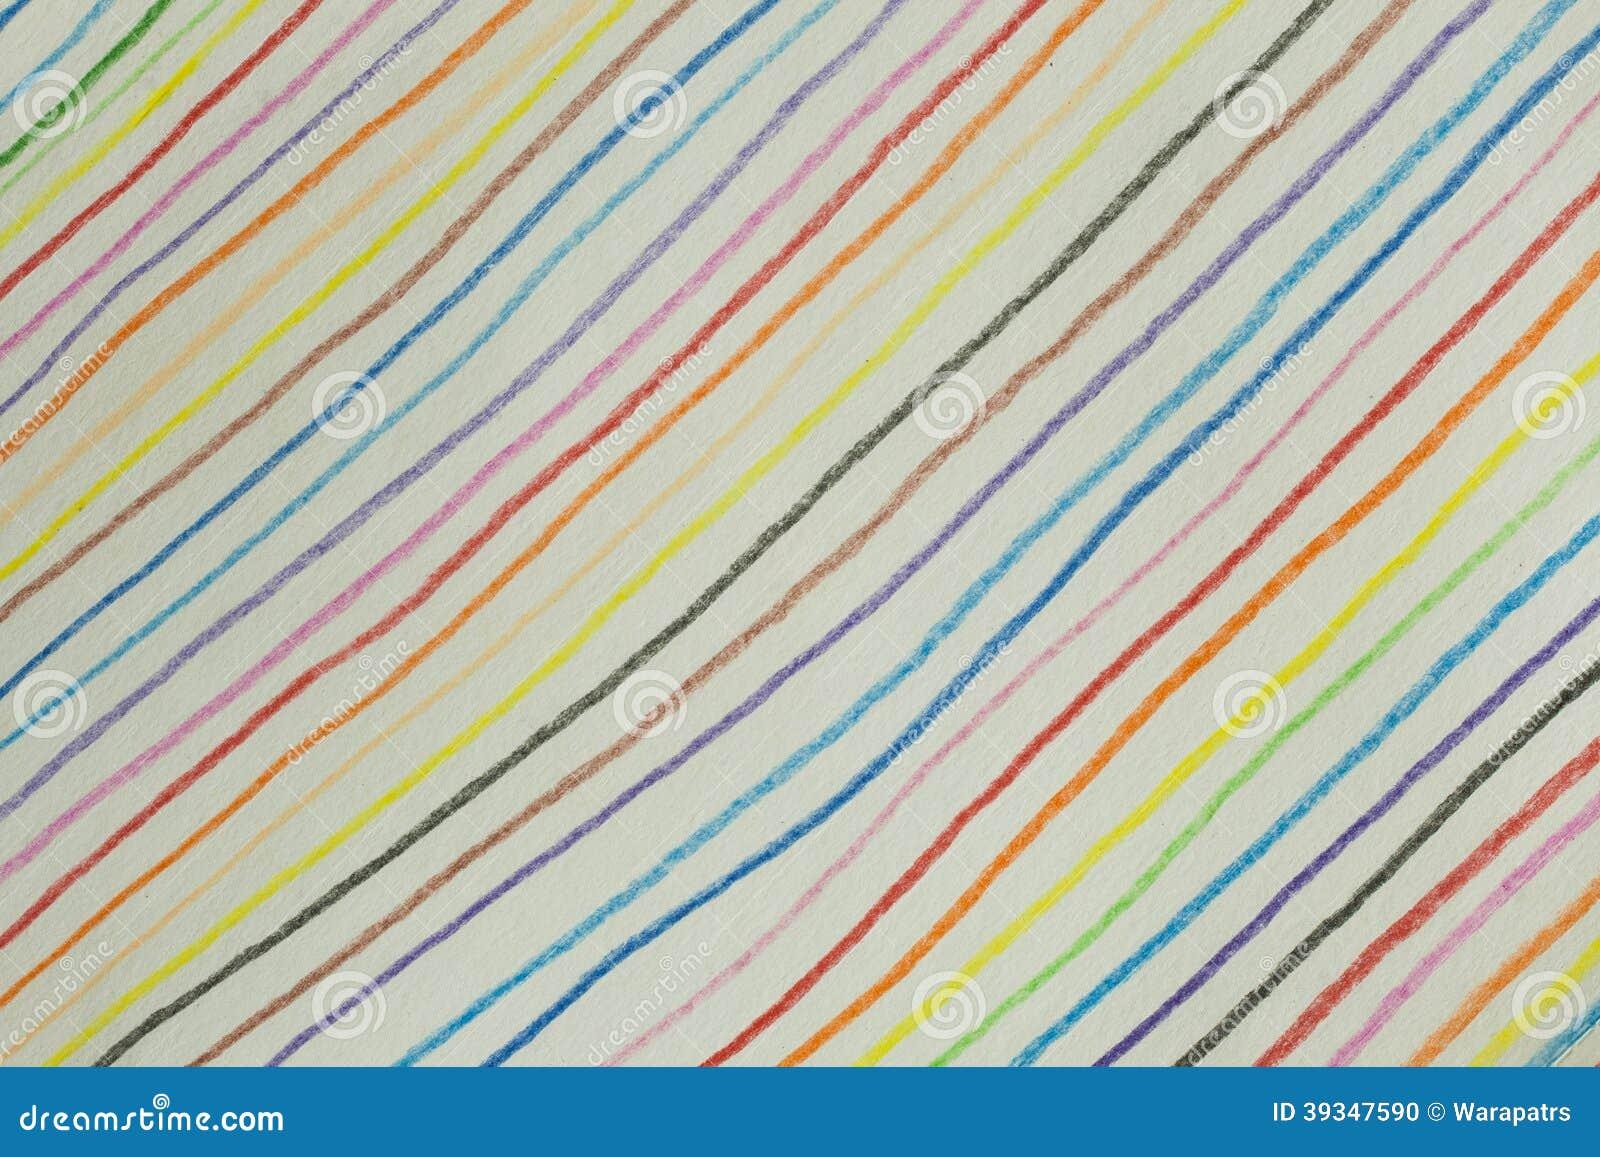 Línea Diagonal Colorida Fondo Hecho De Color Del Lápiz Foto de ...